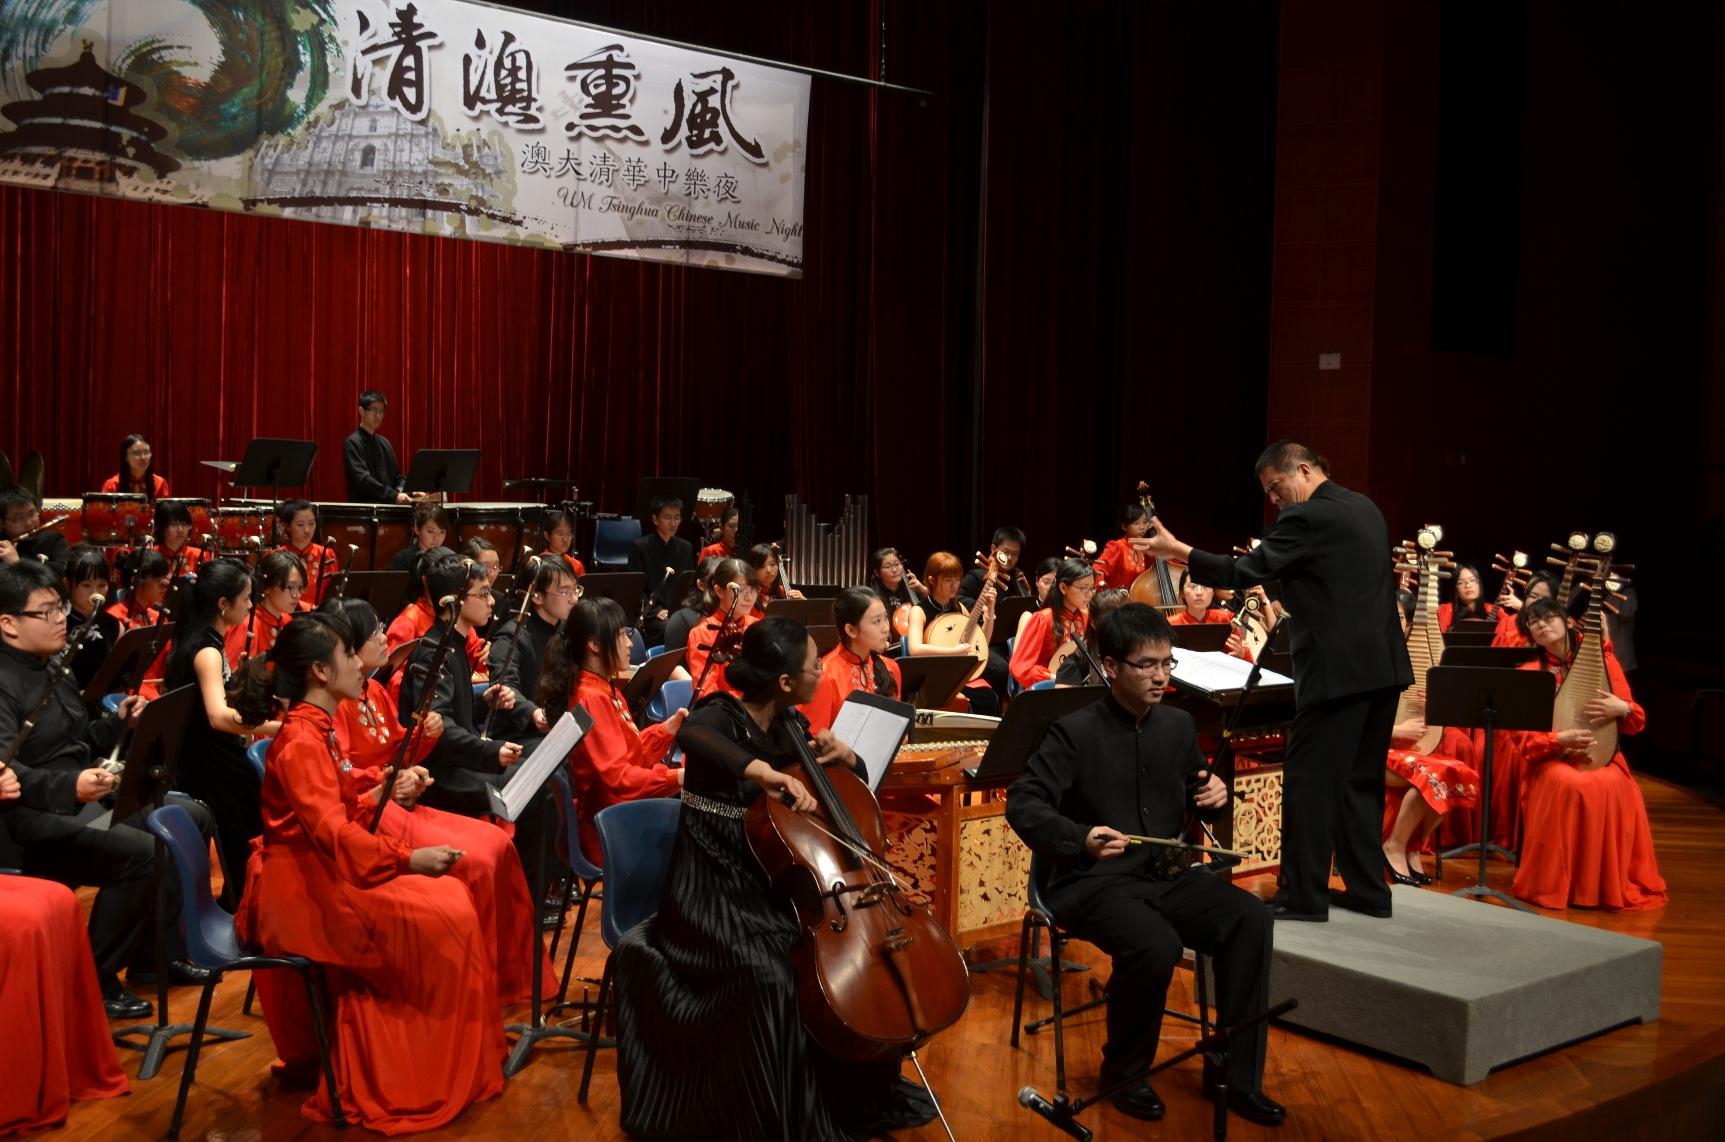 古韻飄香、氣勢恢弘的民族管弦樂合奏